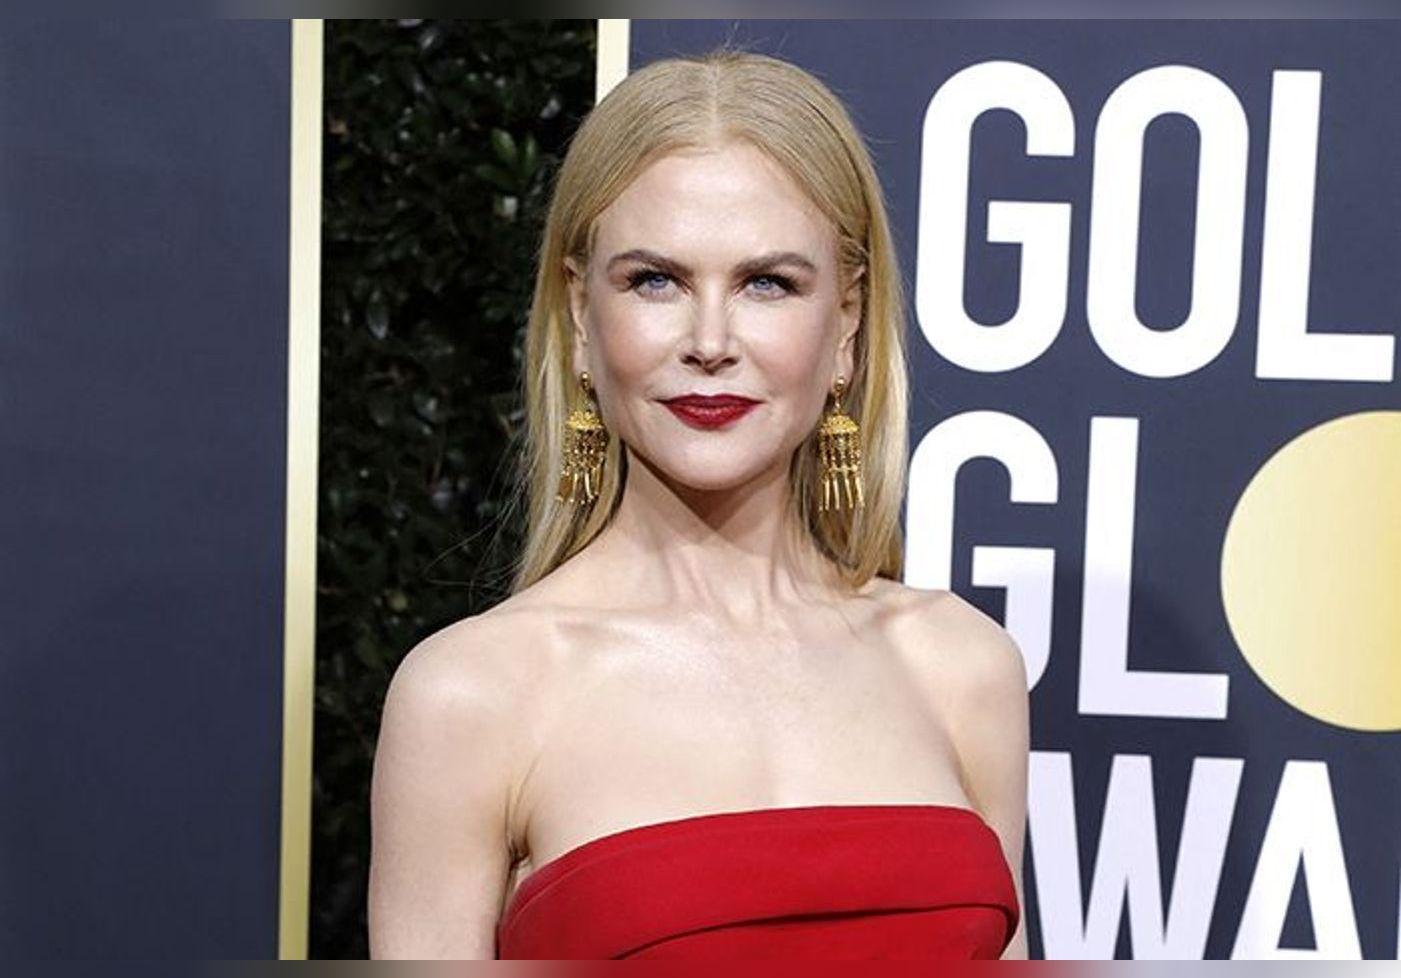 Nicole Kidman affiche une coupe courte à la garçonne et dit adieu à ses cheveux longs et bouclés… Ses fans sont subjugués